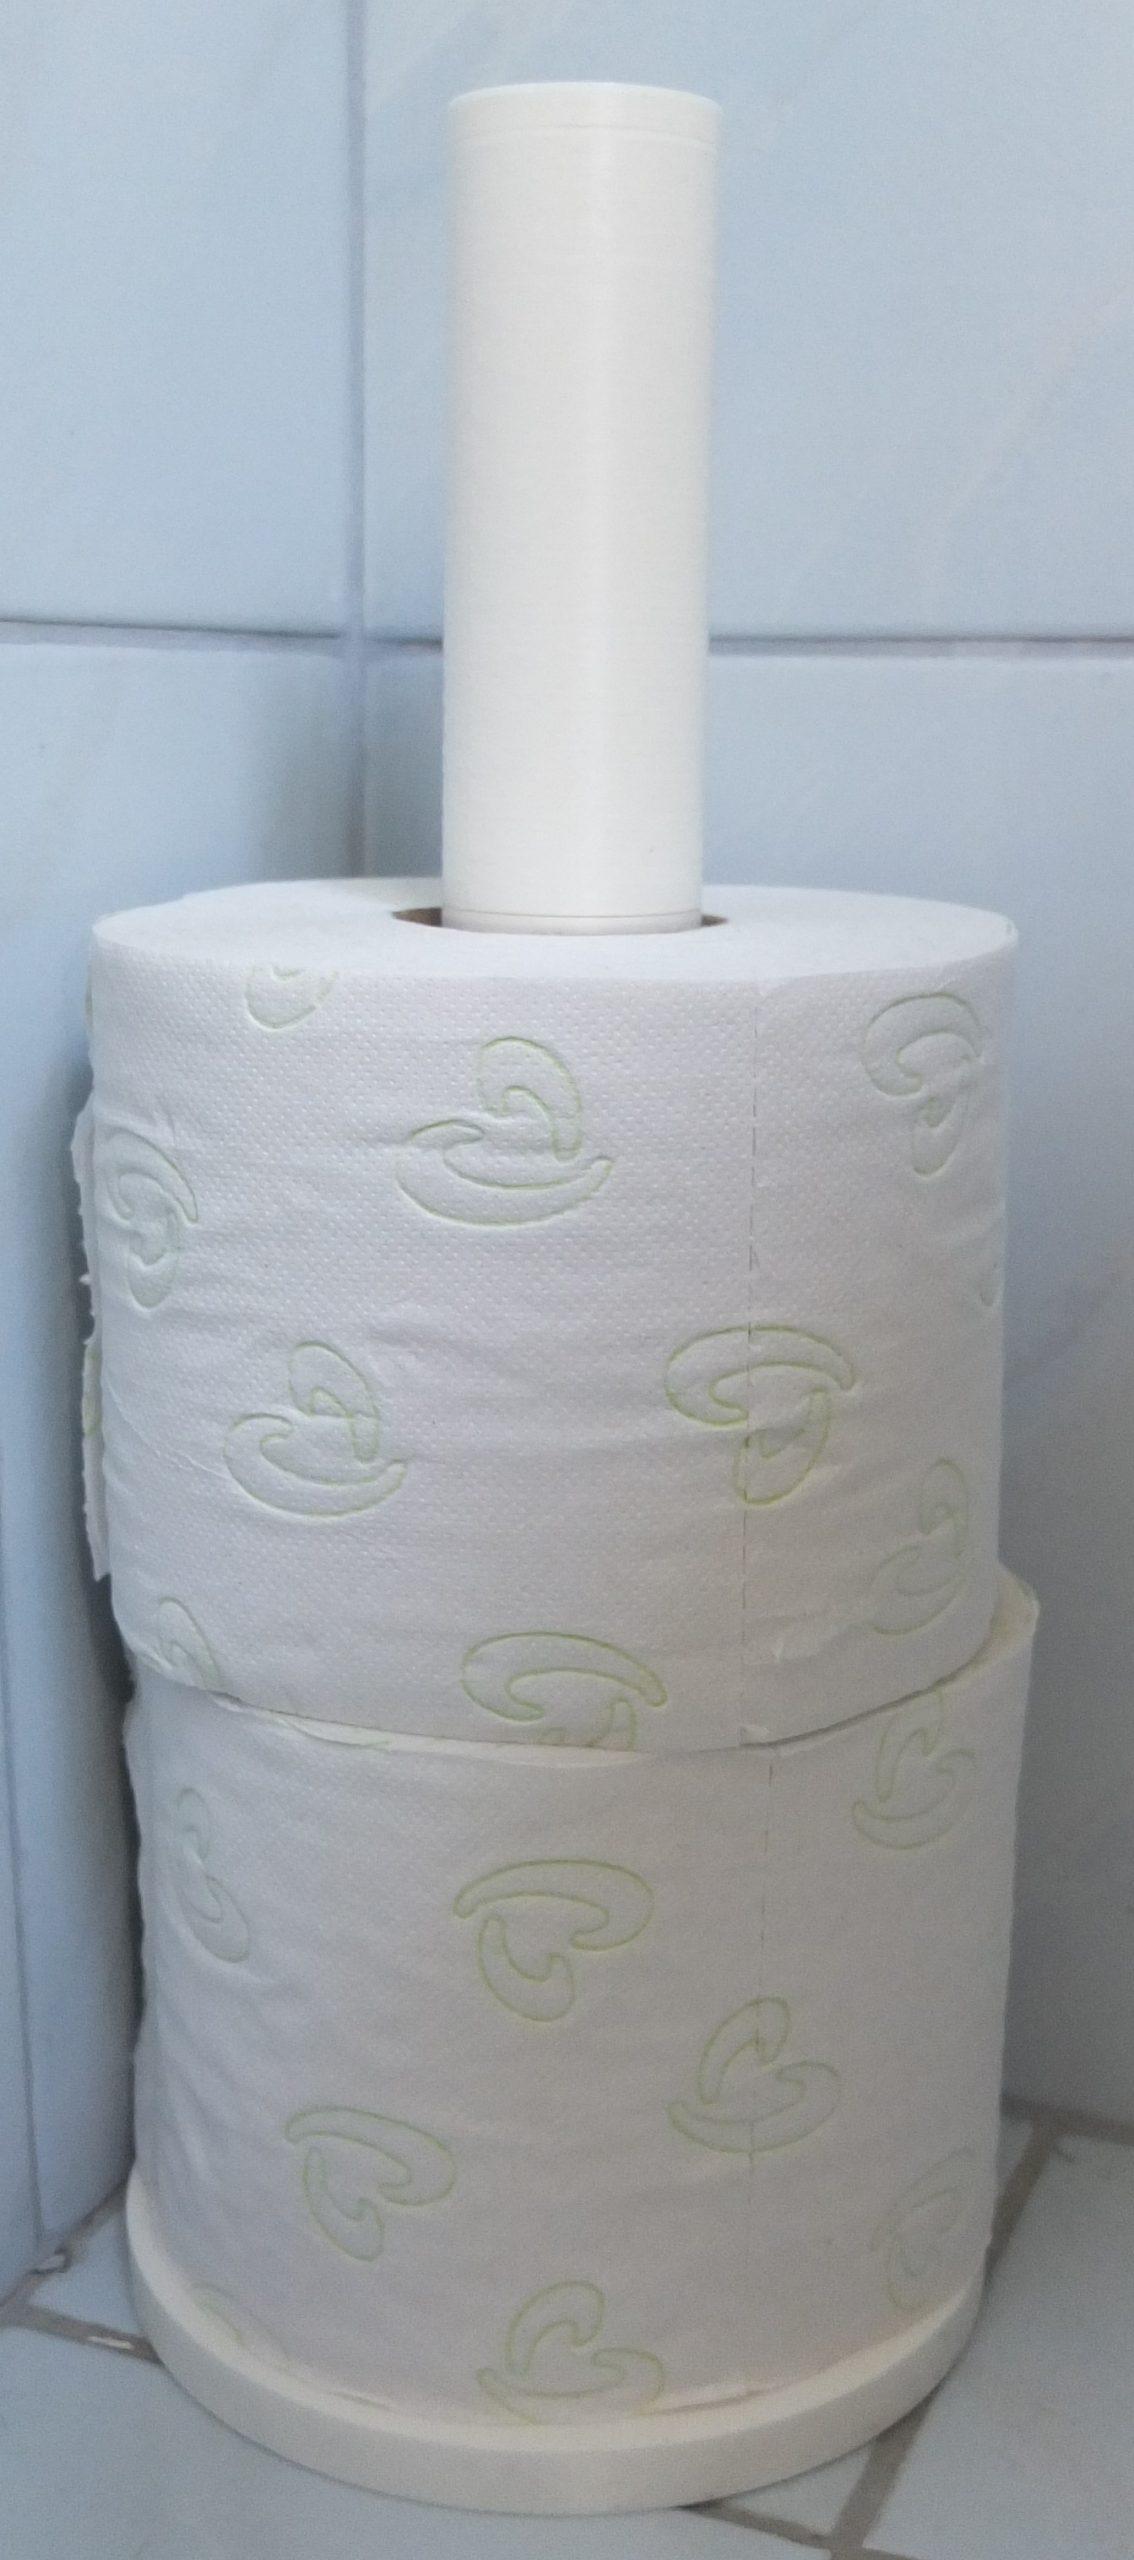 Toilettenpapierhalter - 3D-Druck Hauder